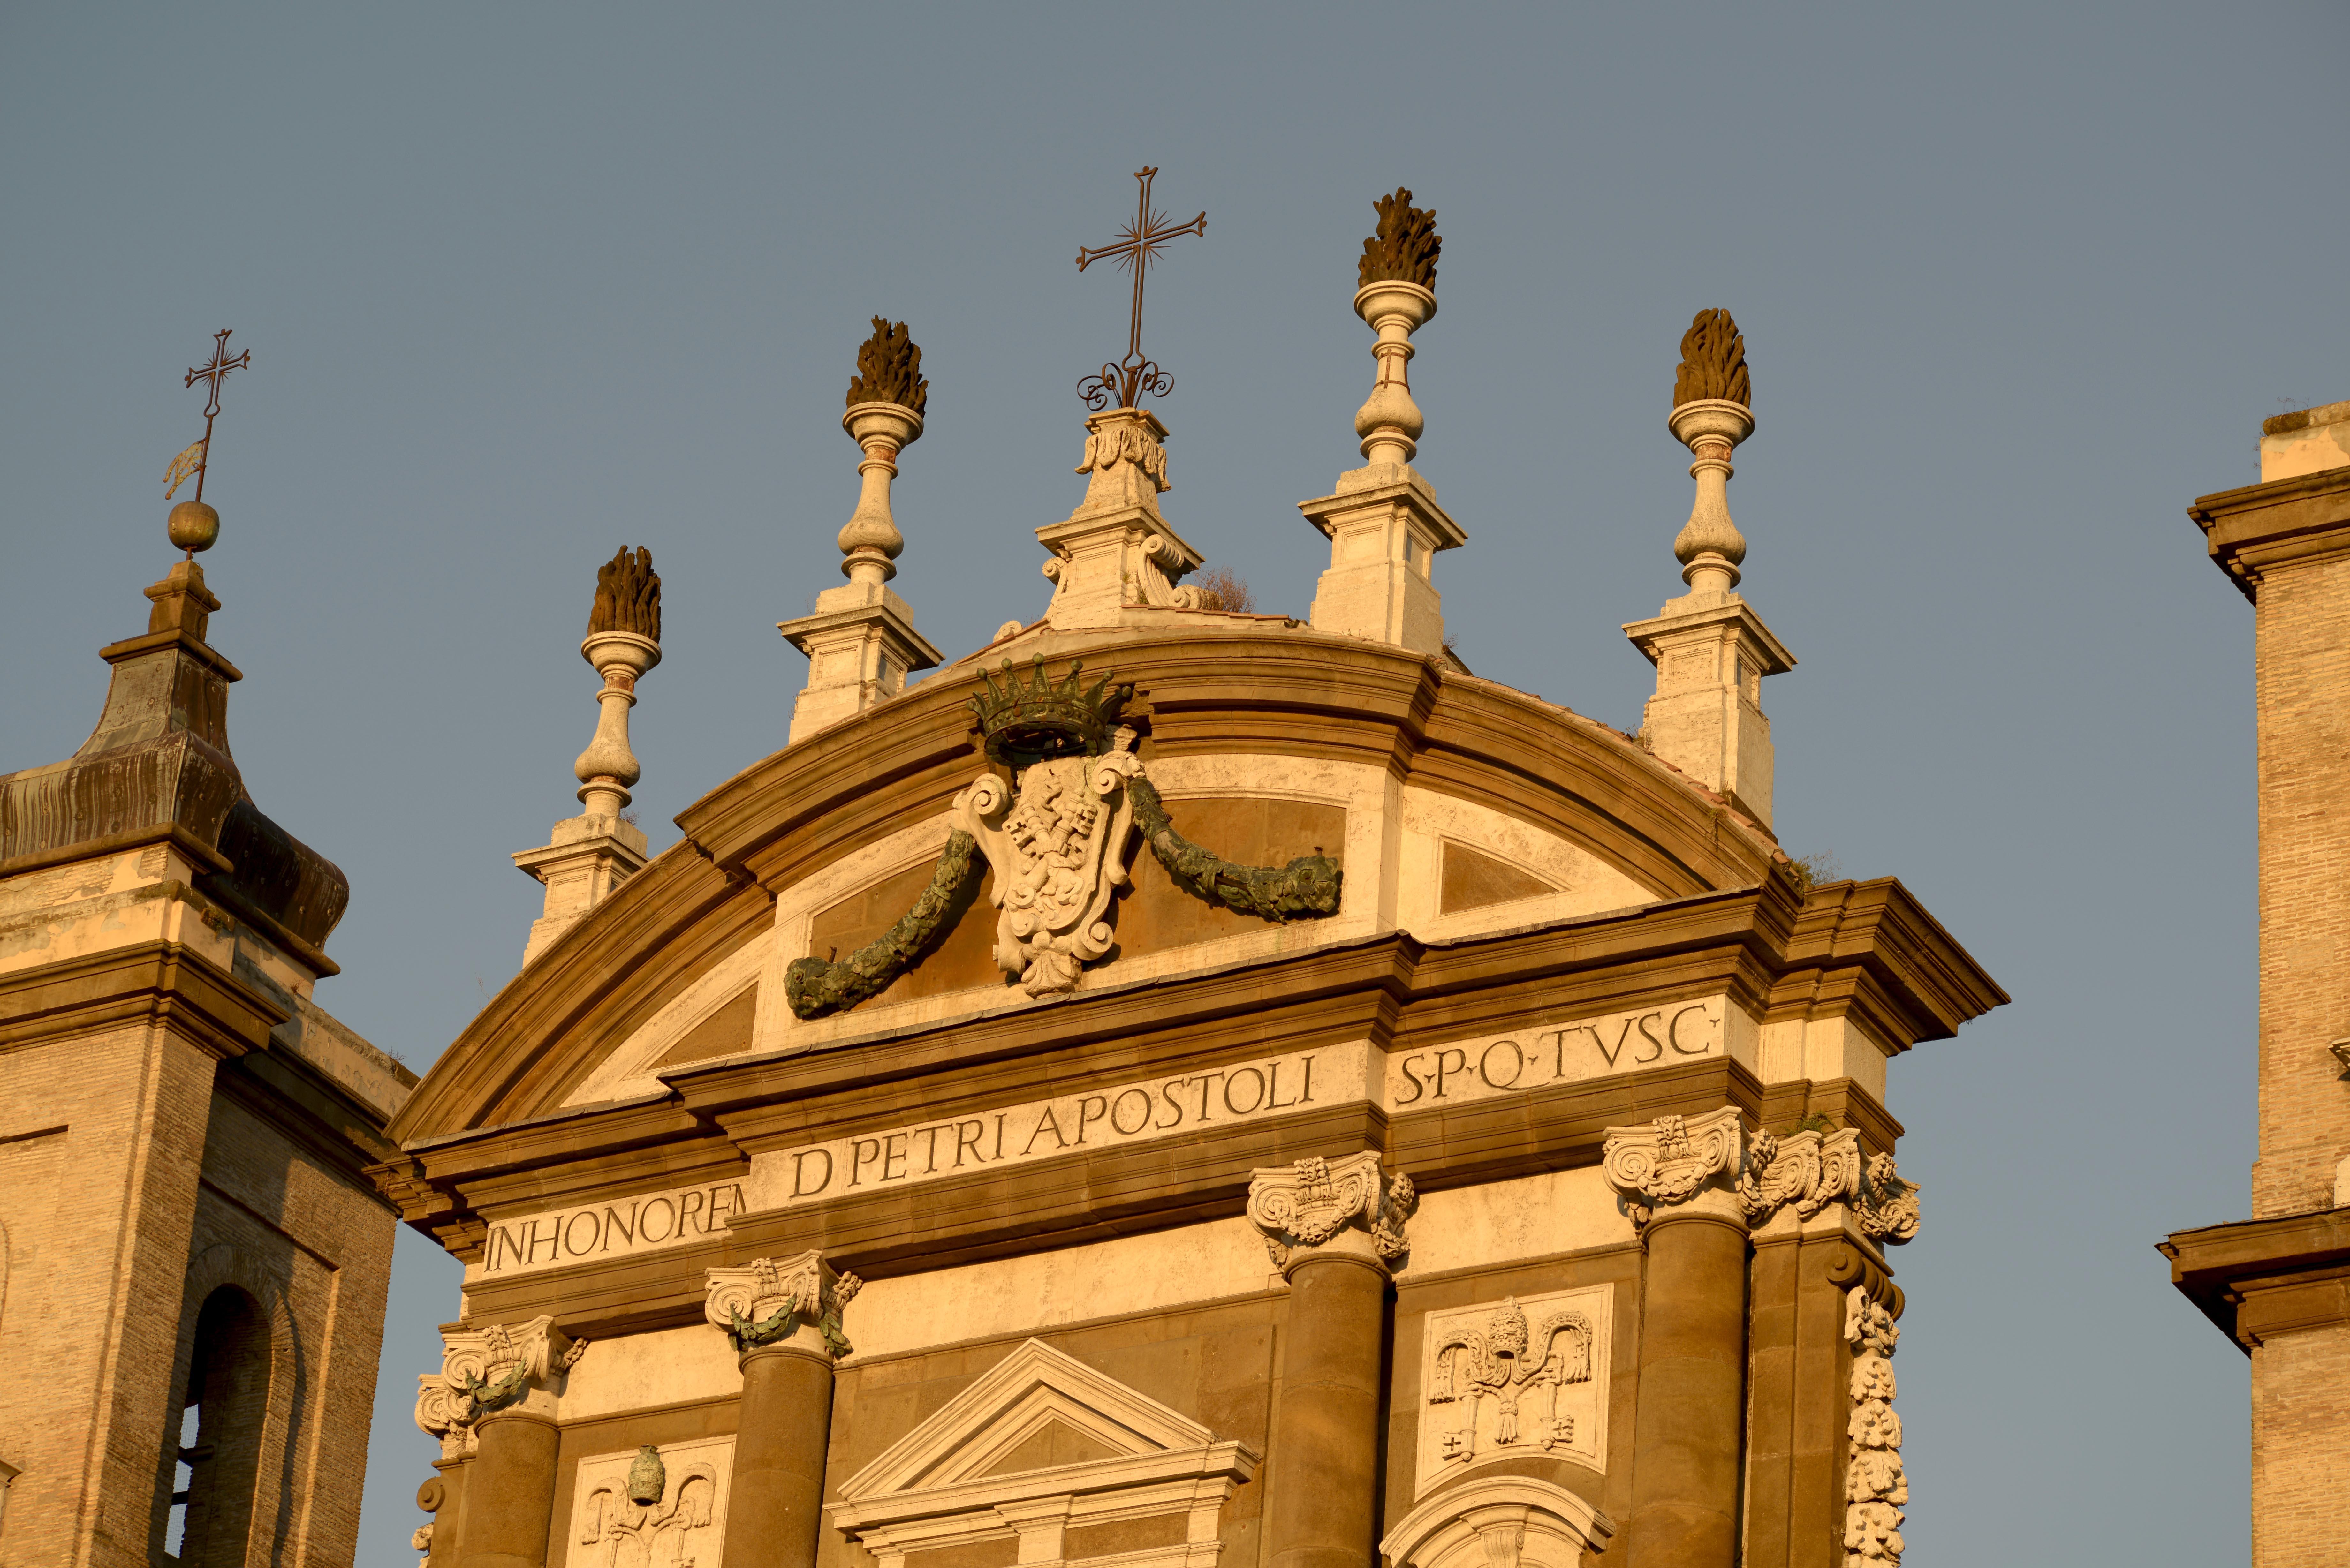 Dettaglio della Cattedrale di San Pietro